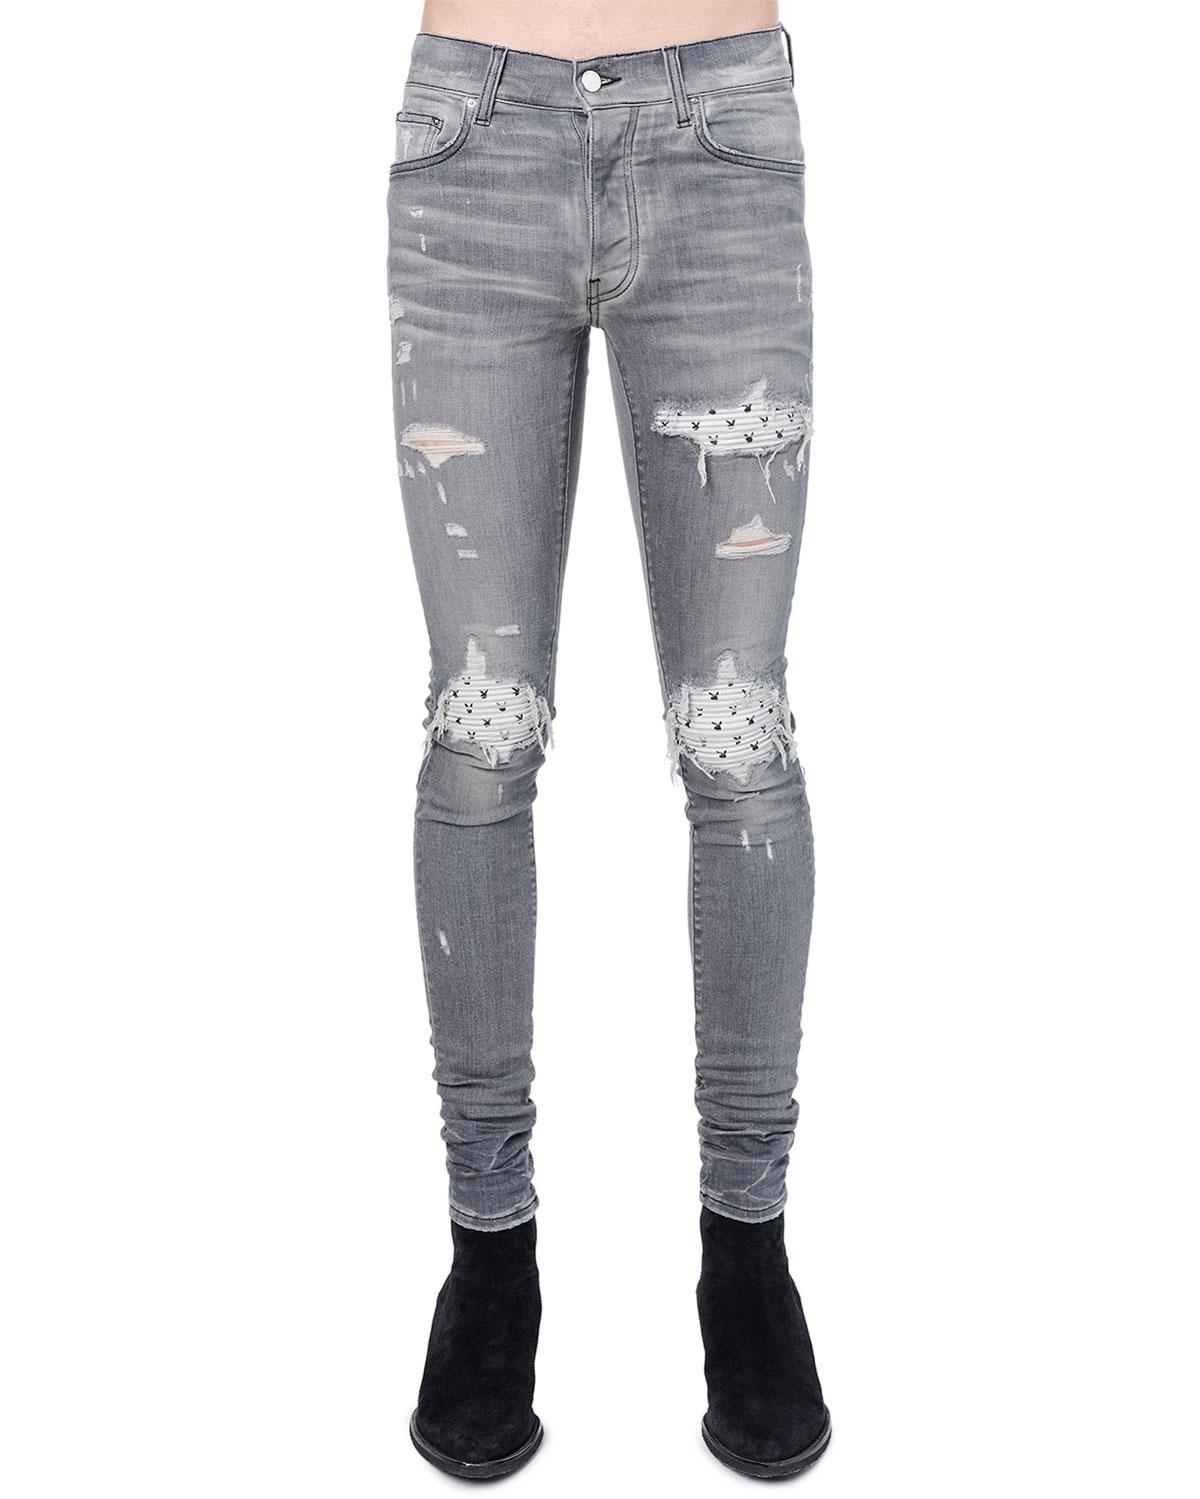 Men's MX1 Playboy Rip/Repair Skinny Jeans